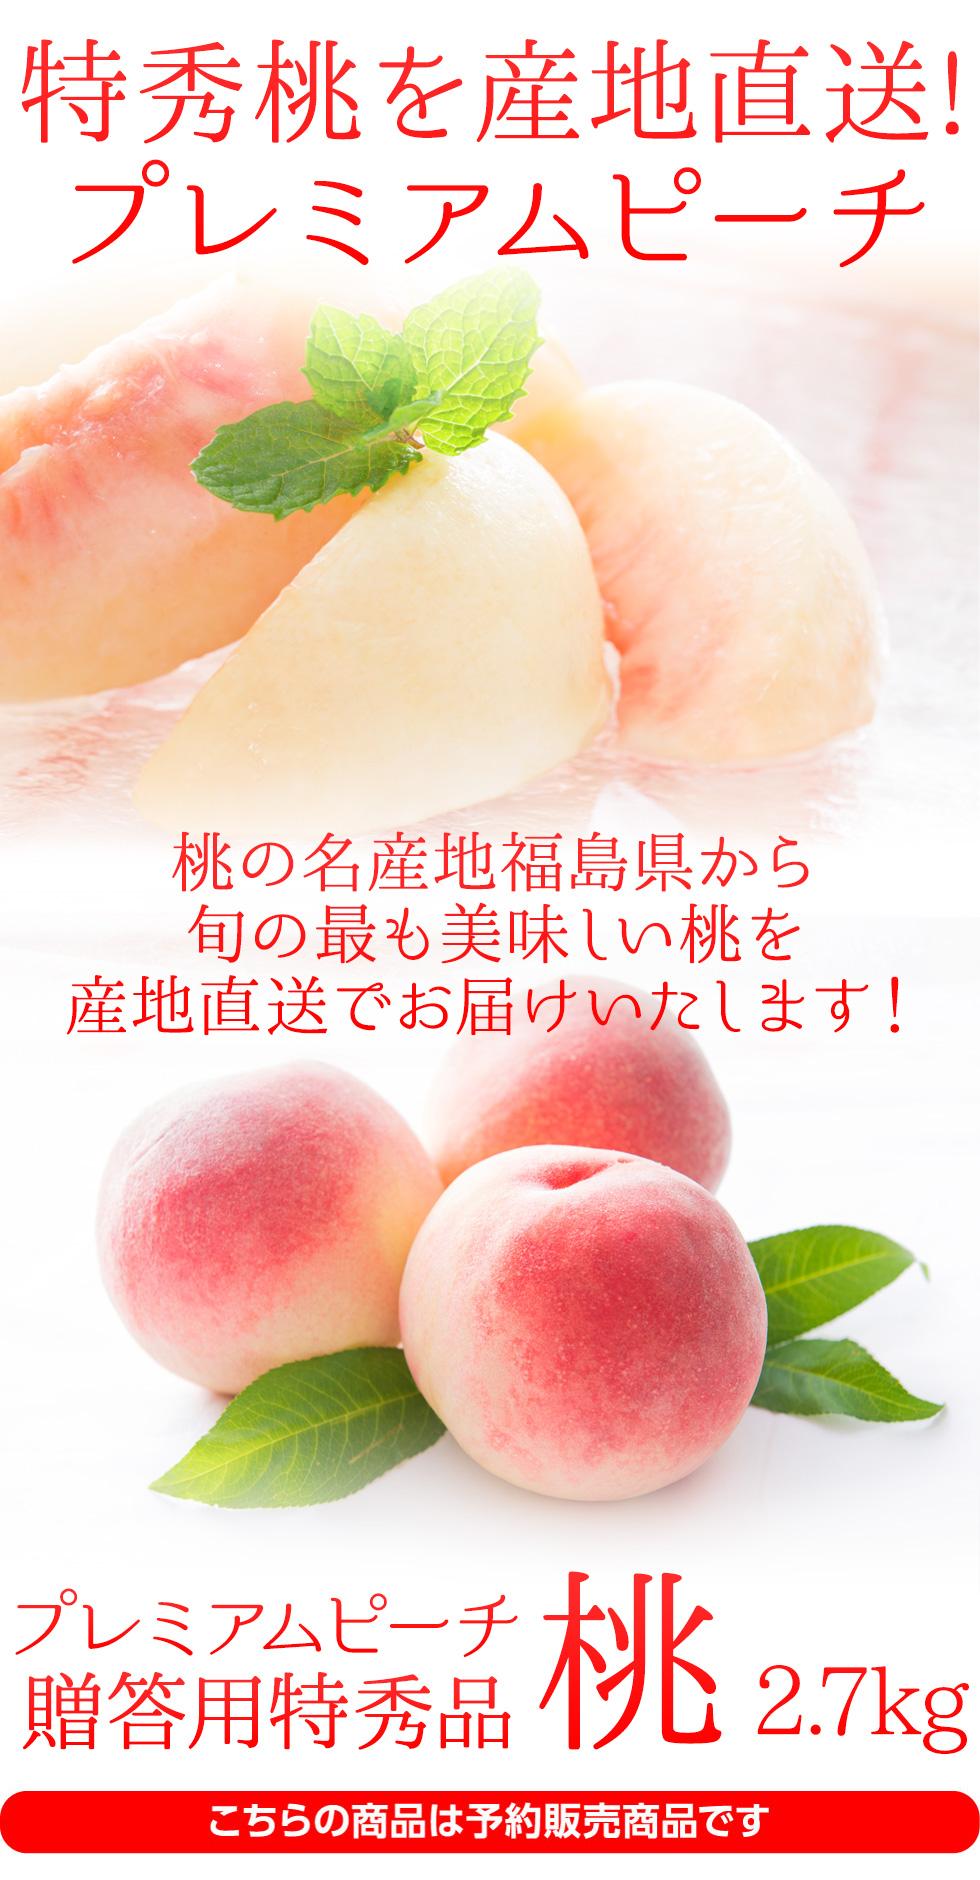 献上桃の里の桃 特秀品 桃 3kg